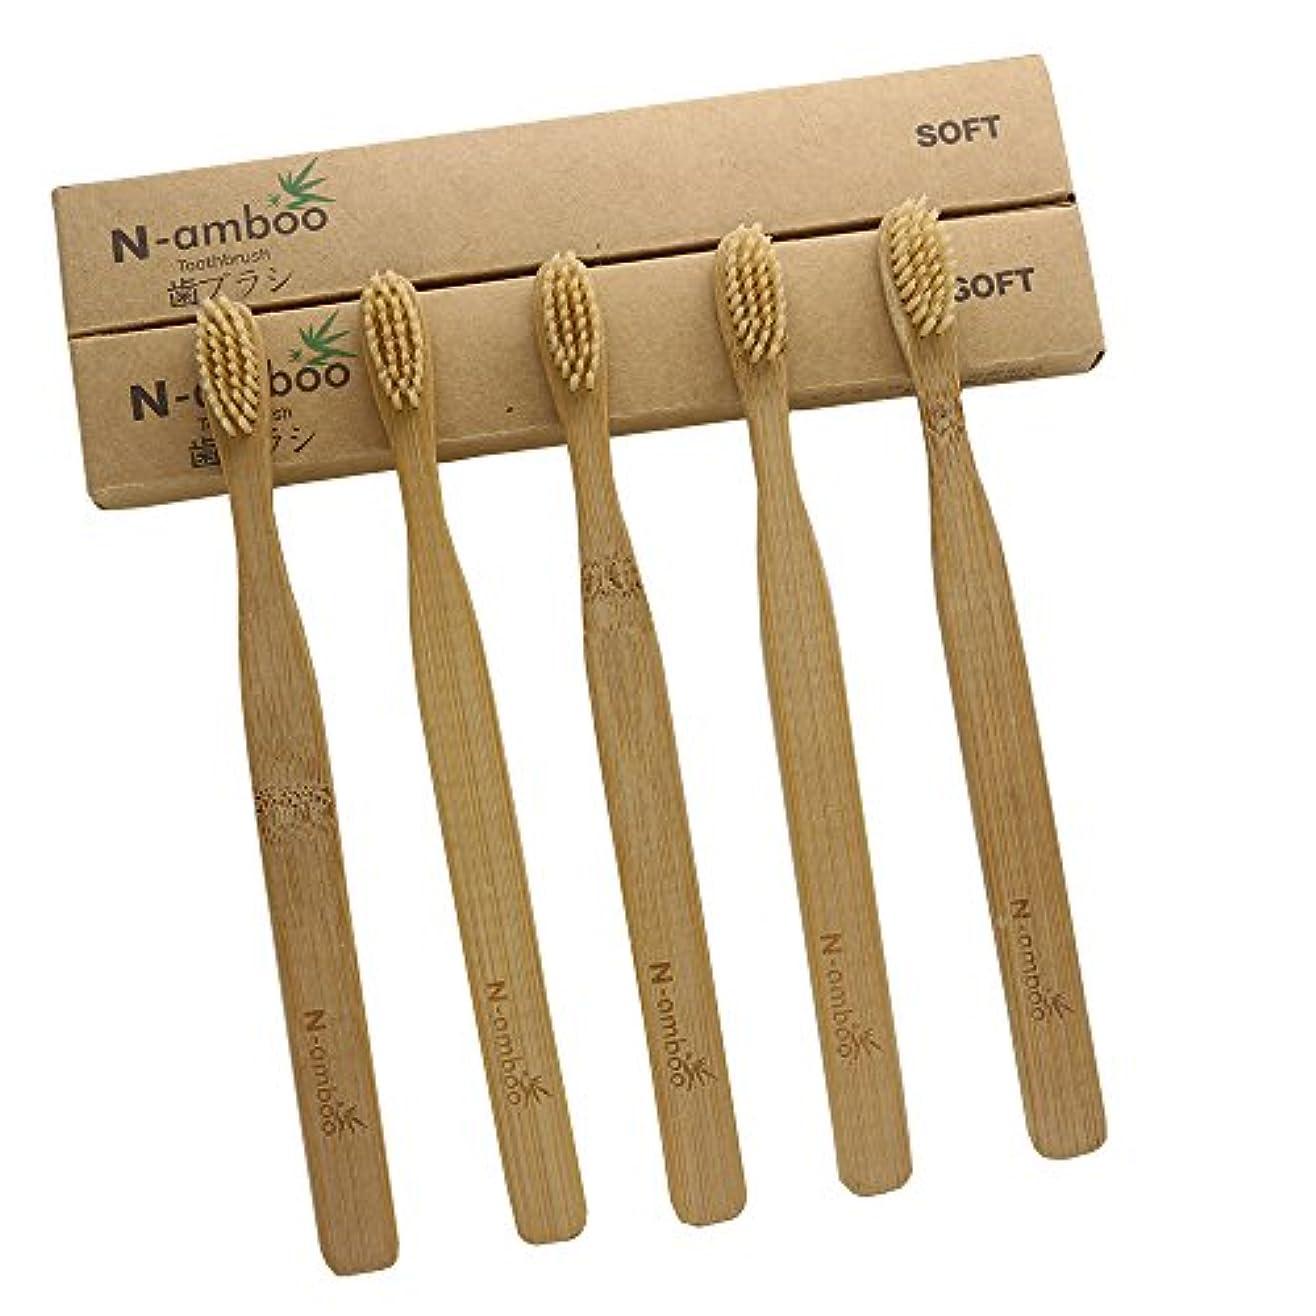 適切な変わる代理人N-amboo 竹製 歯ブラシ 高耐久性 セット エコ ハンドル大きめ ベージュ (5本)